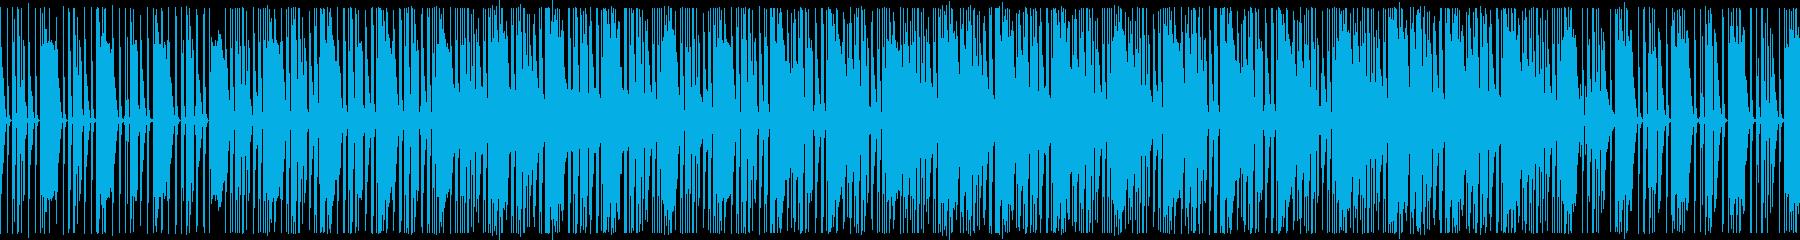 哀愁ピアノが特徴的なファンキーダブの再生済みの波形